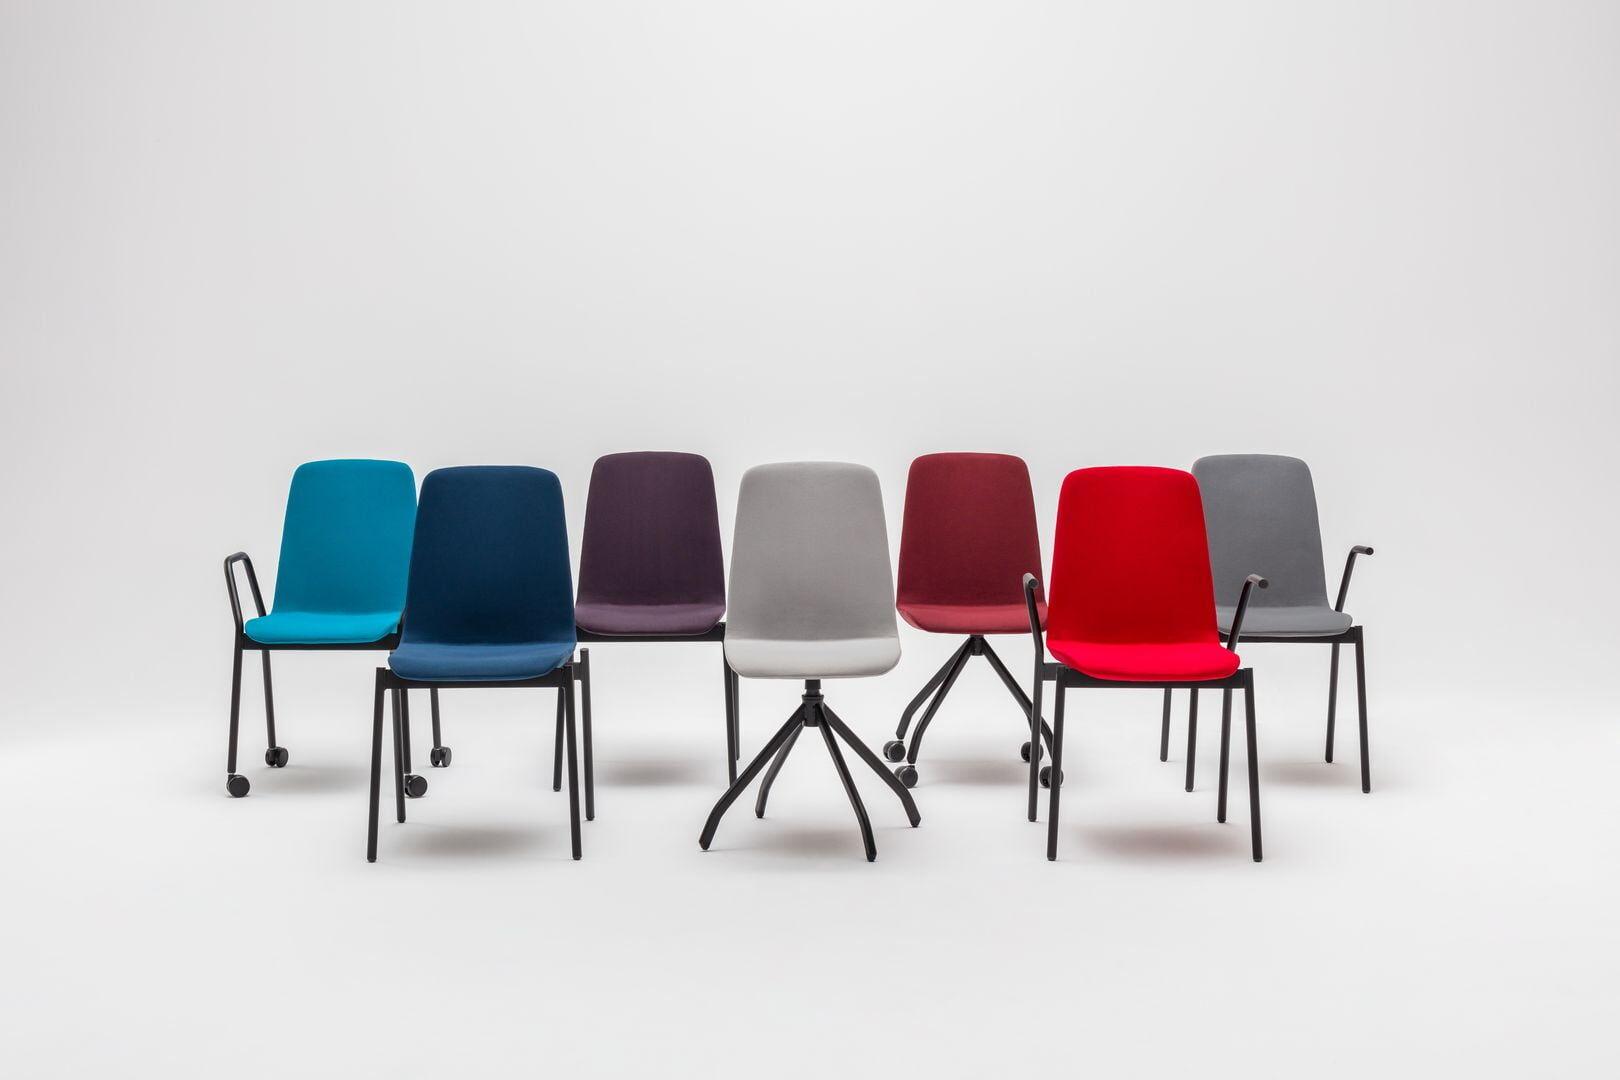 Ulti chair Fabric: Atlantic Colour: A66087, A66057, A65037, A60141, A64092, A64093, A60142  Base colour:  M115